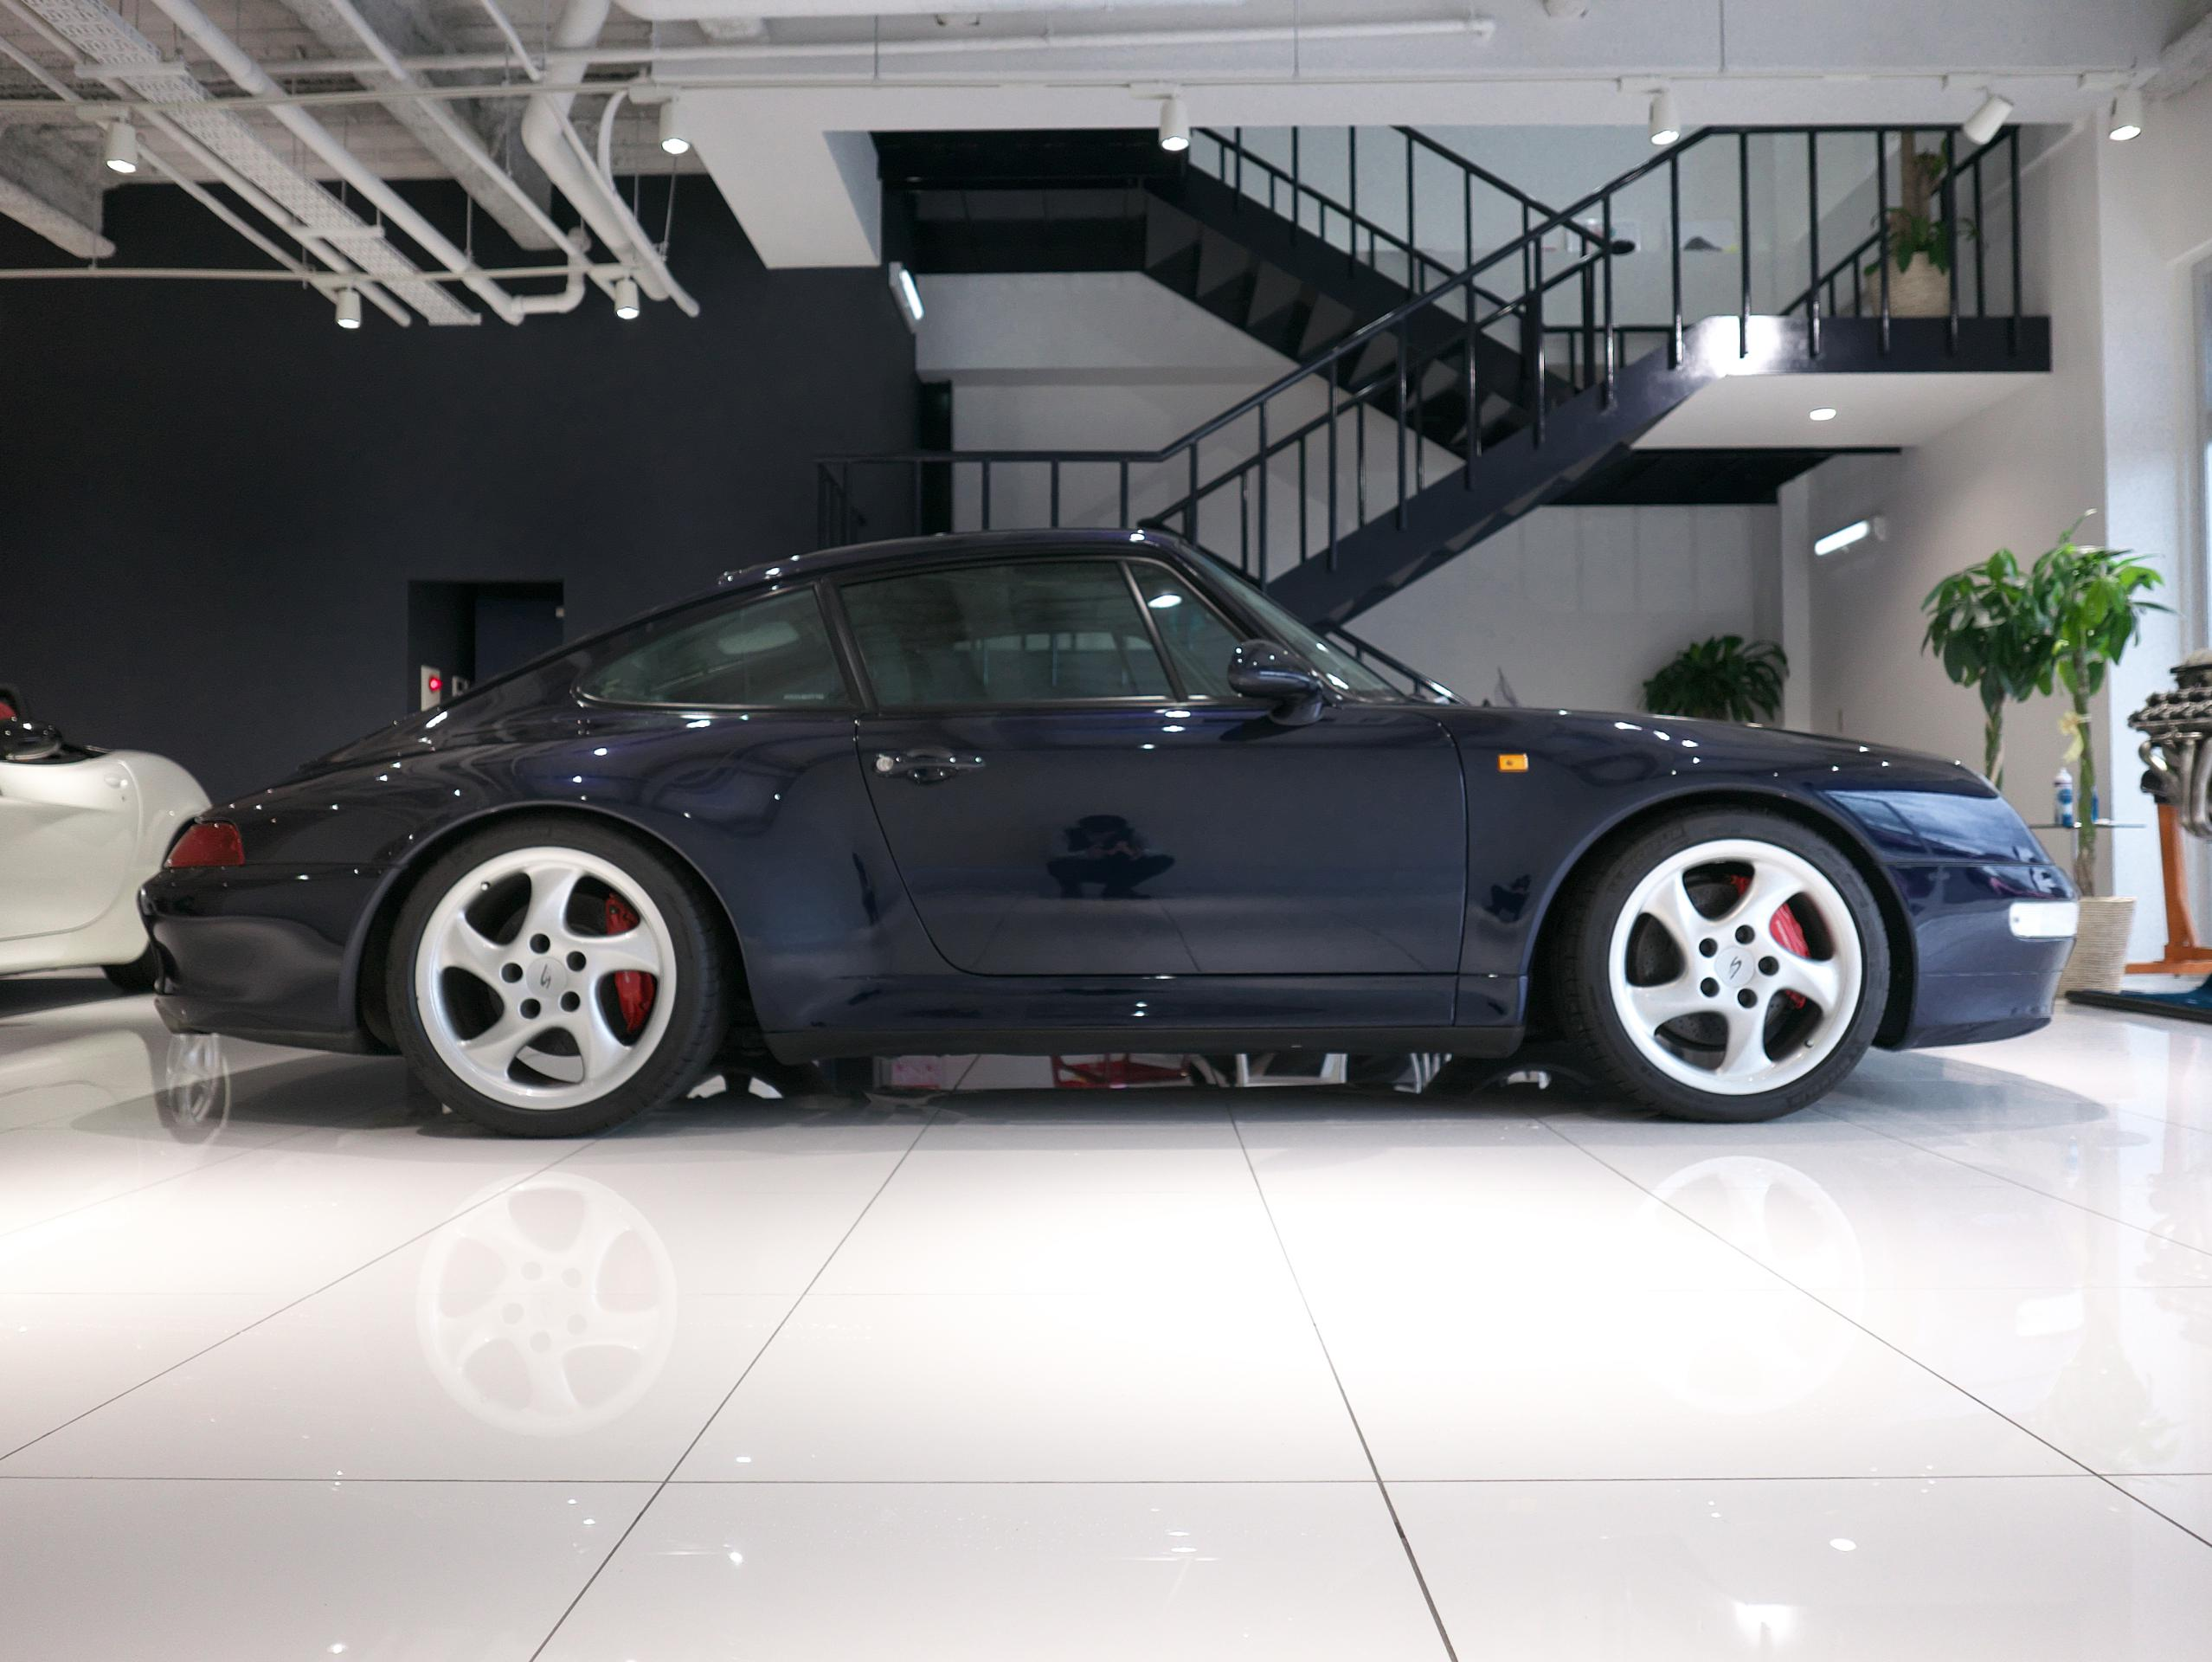 ポルシェ 911 カレラ4S 993 右サイドビュー